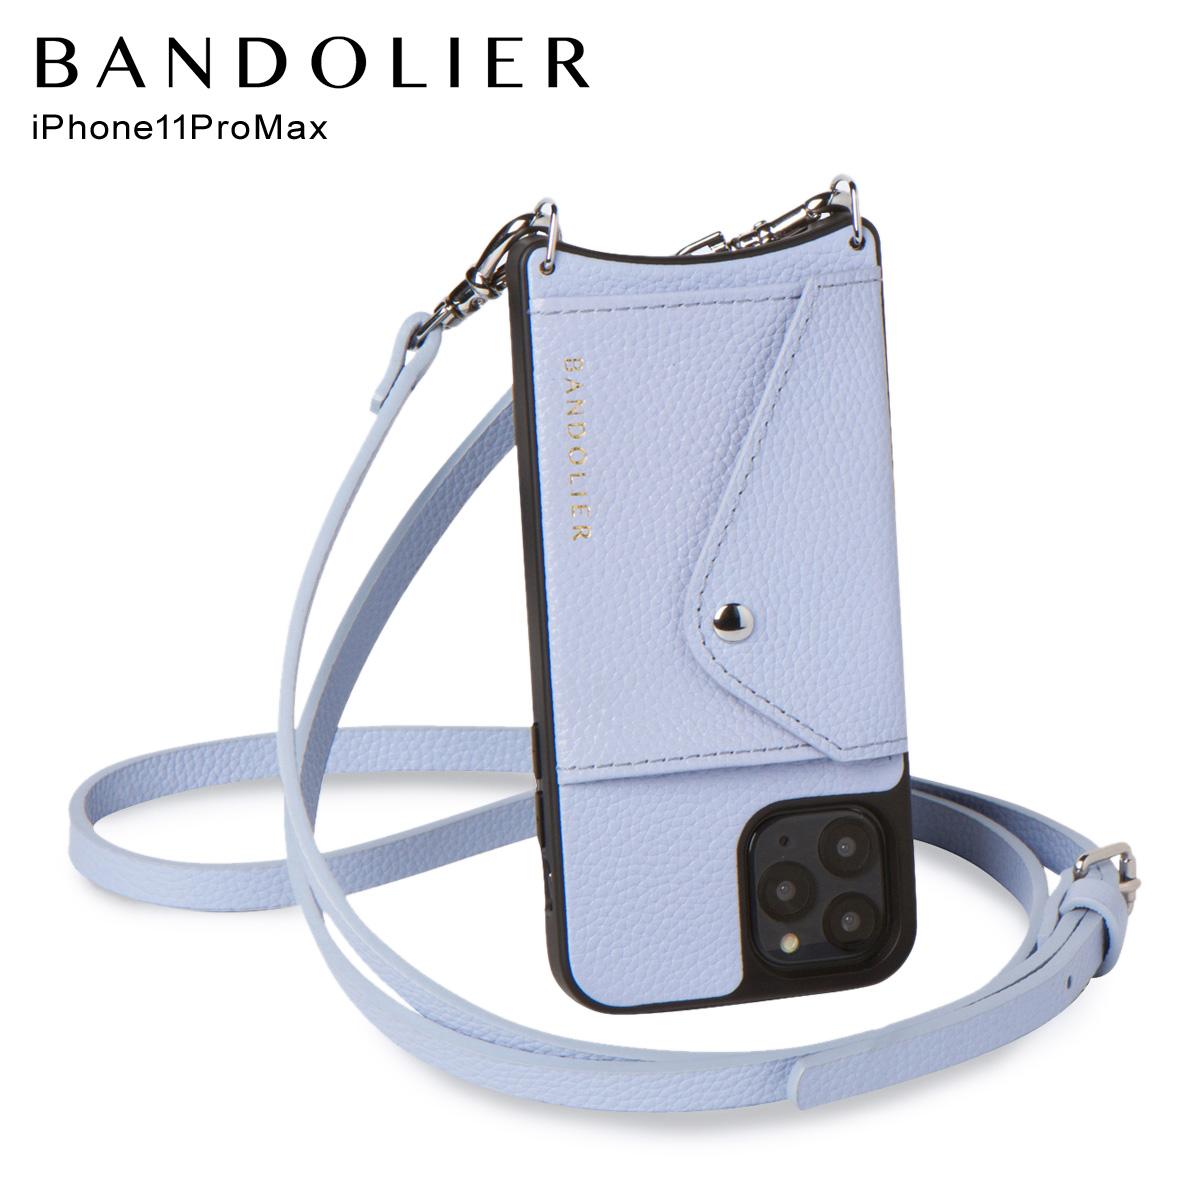 バンドリヤー BANDOLIER iPhone11 Pro MAX ケース スマホ 携帯 ショルダー アイフォン ドナー メンズ レディース DONNA ブルー 14DON [5/26 再入荷]